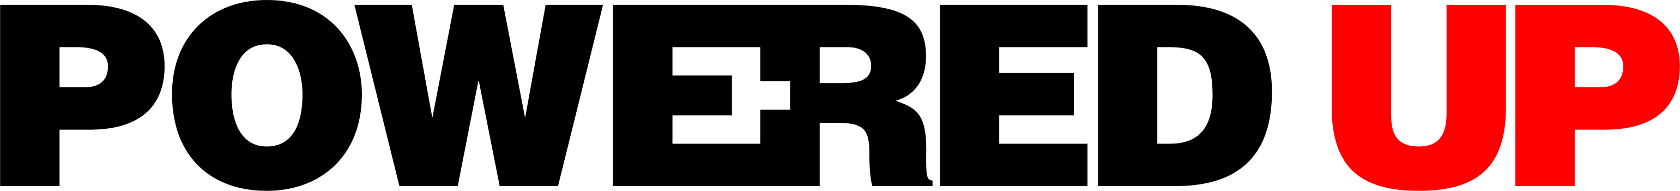 poweredup-course-logo.png